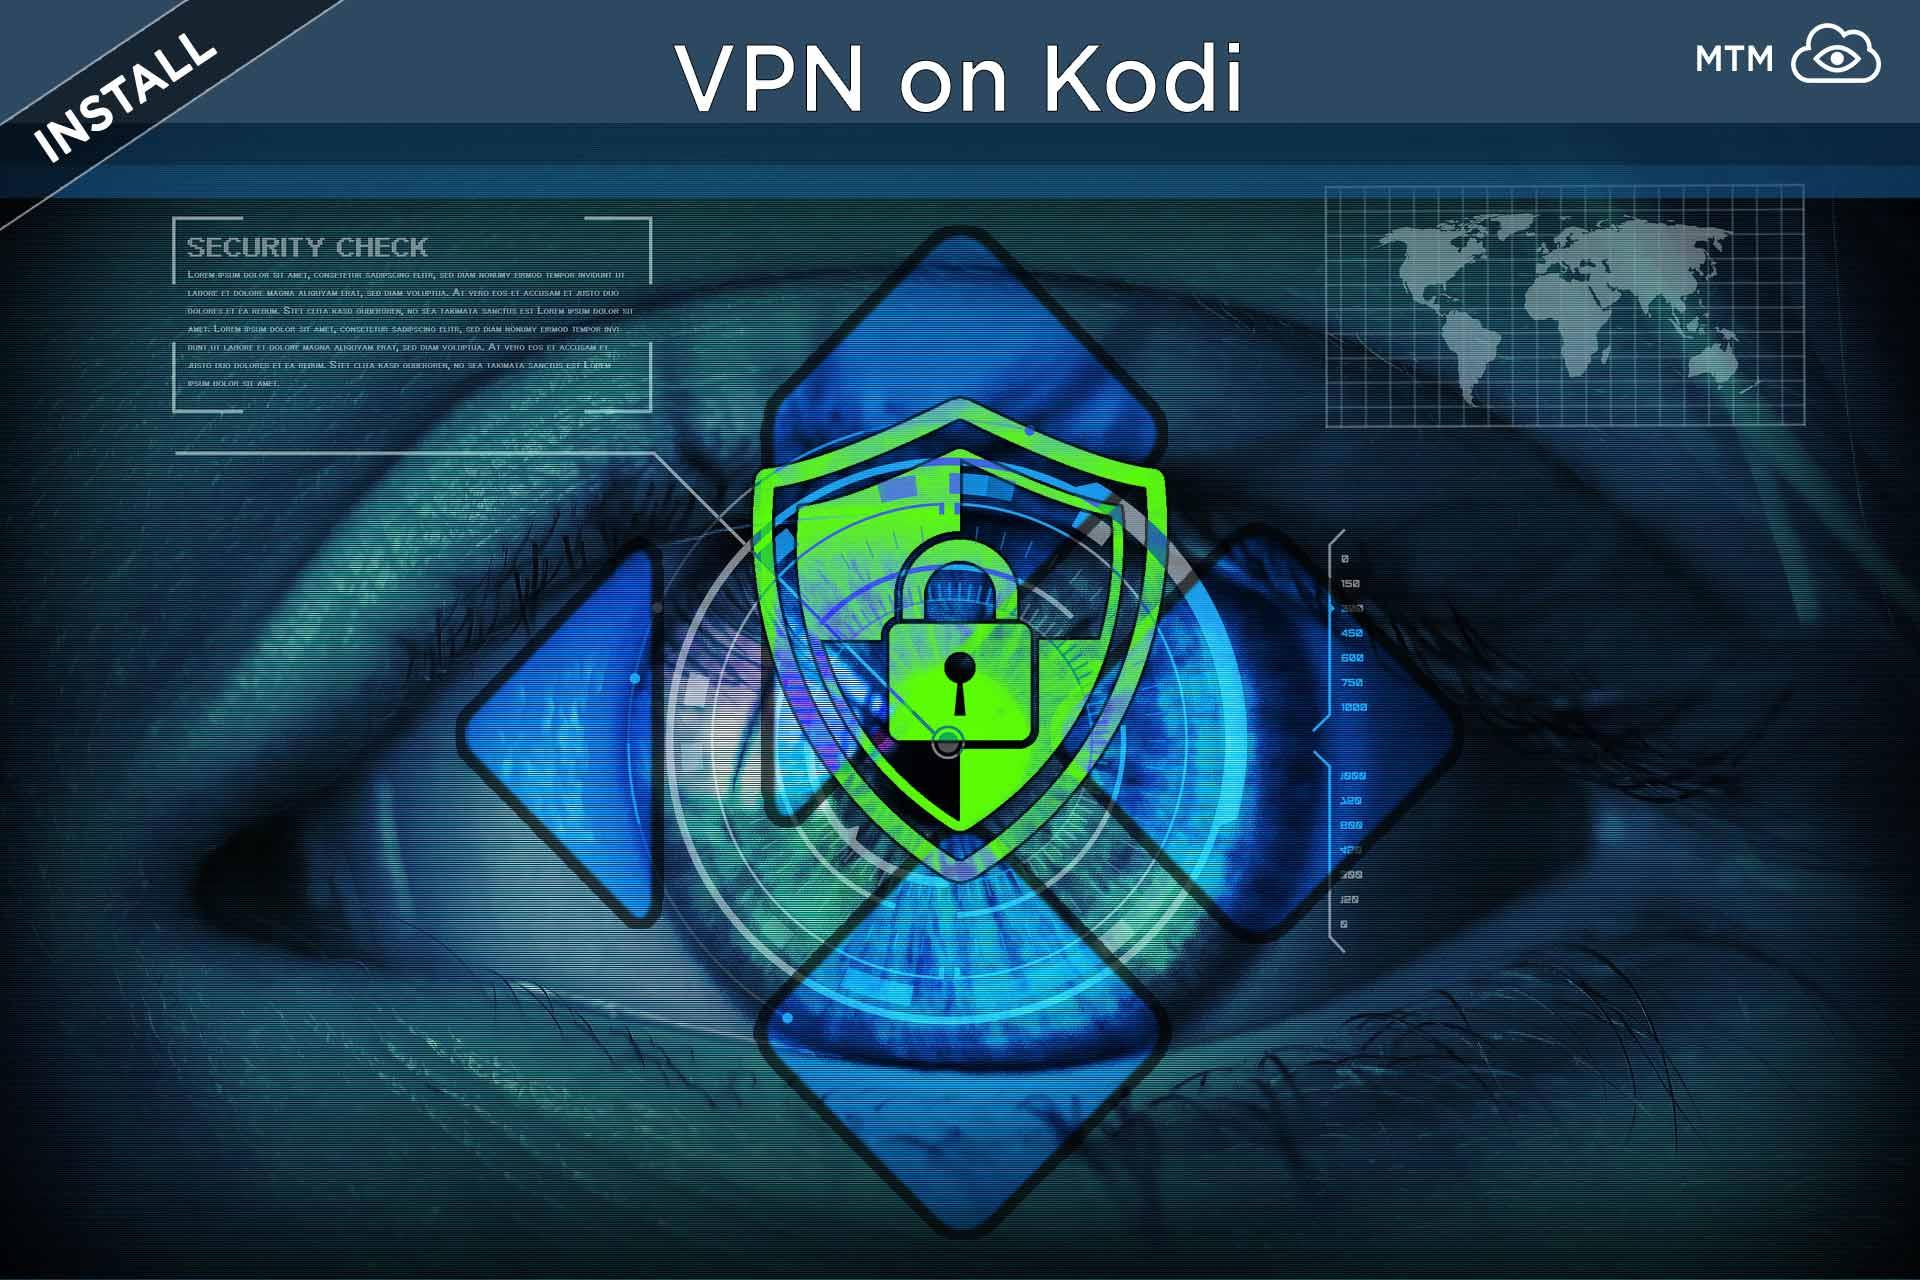 Nola instalatu Kodi VPN doako korronteak modu seguruan eta anonimoan sartzeko